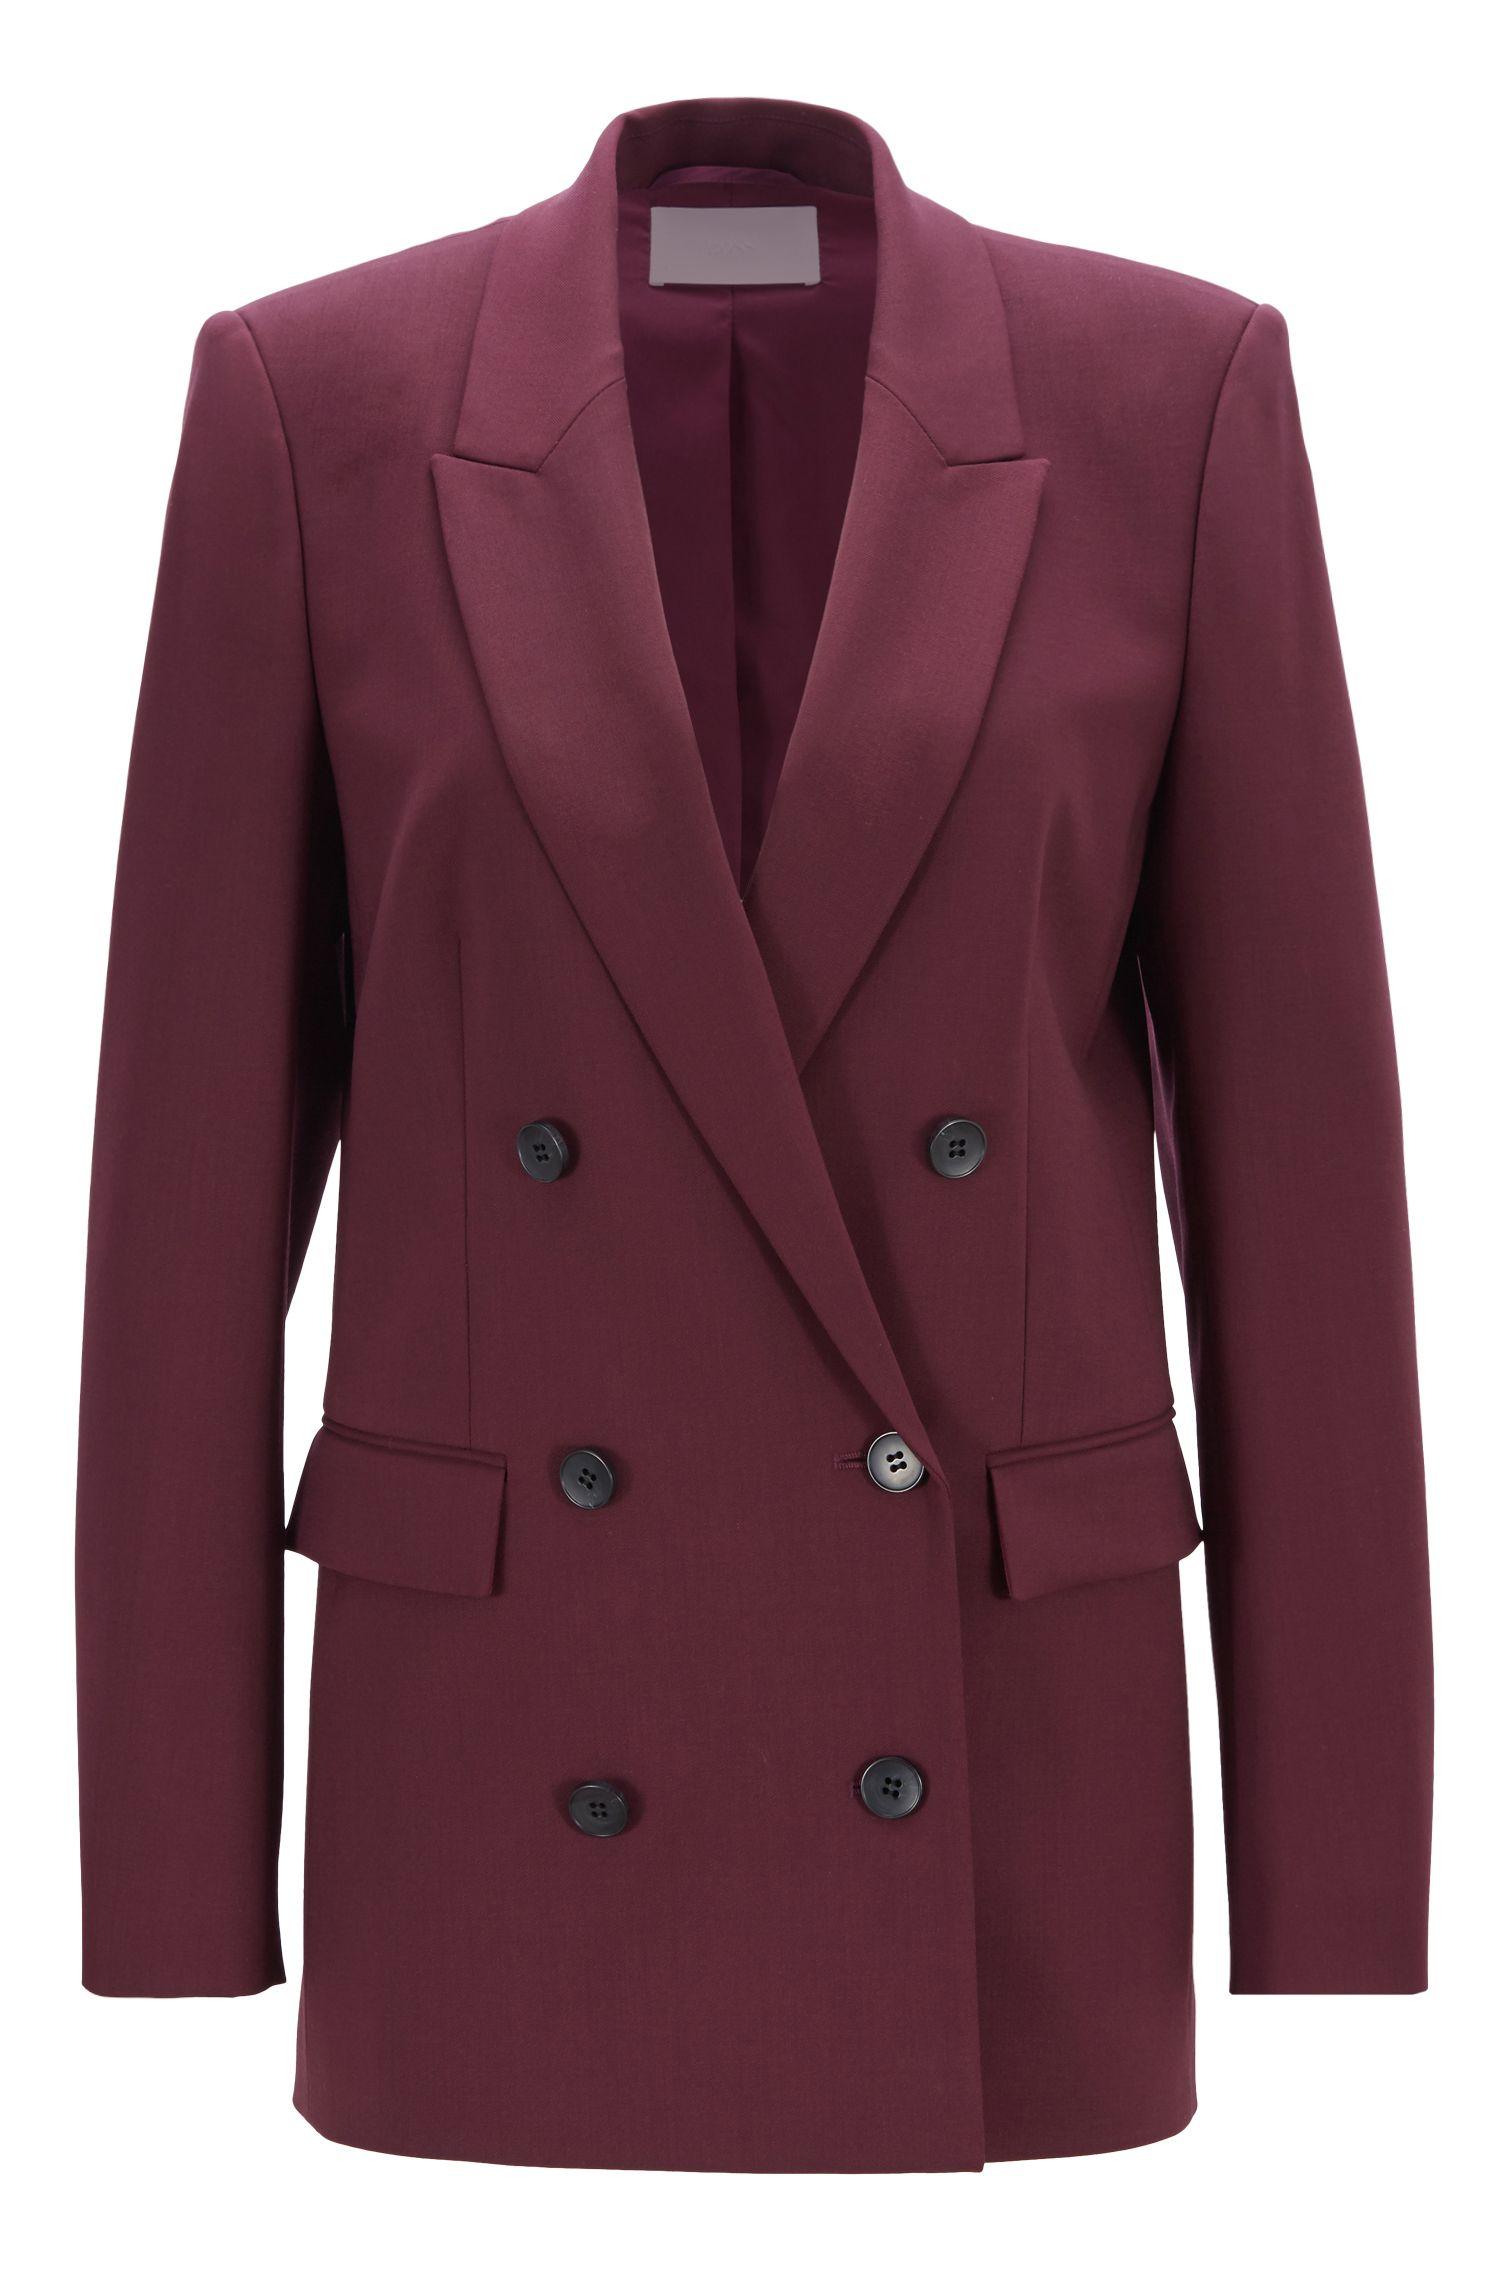 Blazer a doppiopetto relaxed fit in lana vergine elasticizzata prodotta in Italia, Rosa scuro